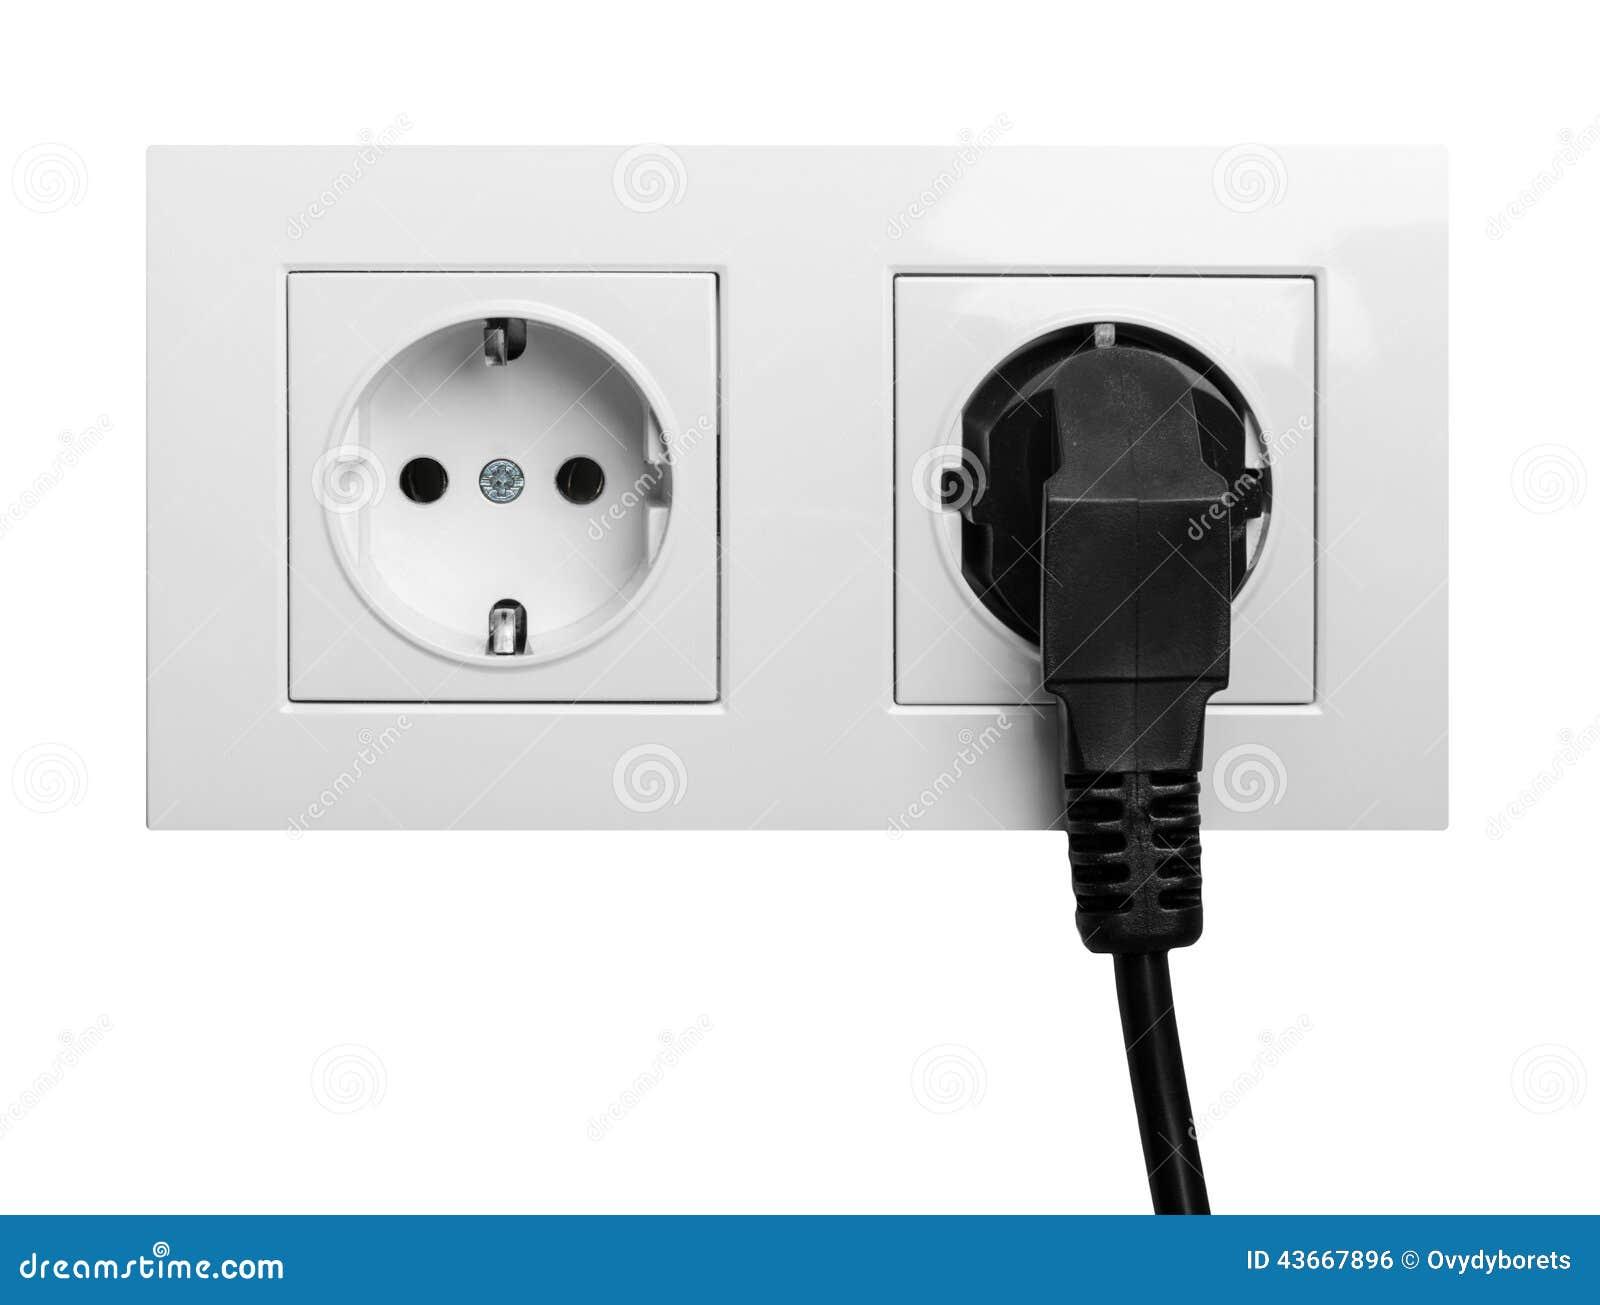 Prise lectrique europ enne de double puissance d 39 isolement sur un blanc - Refaire une prise electrique ...